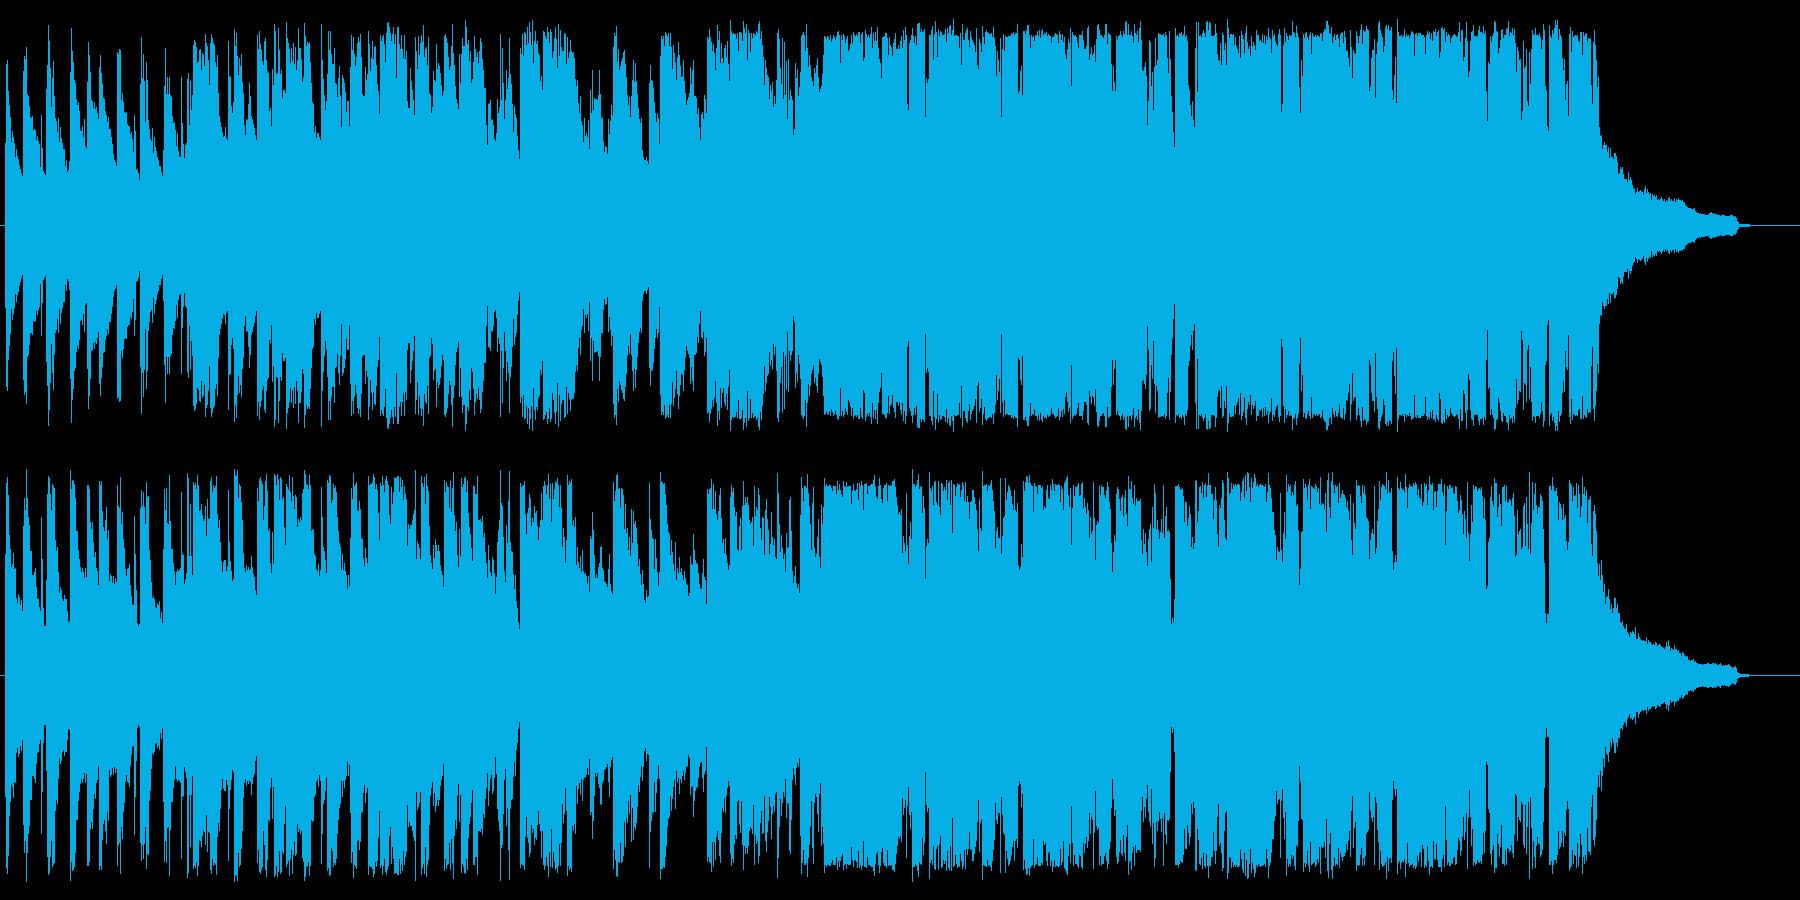 懐かしさ漂うノリノリジャズの再生済みの波形